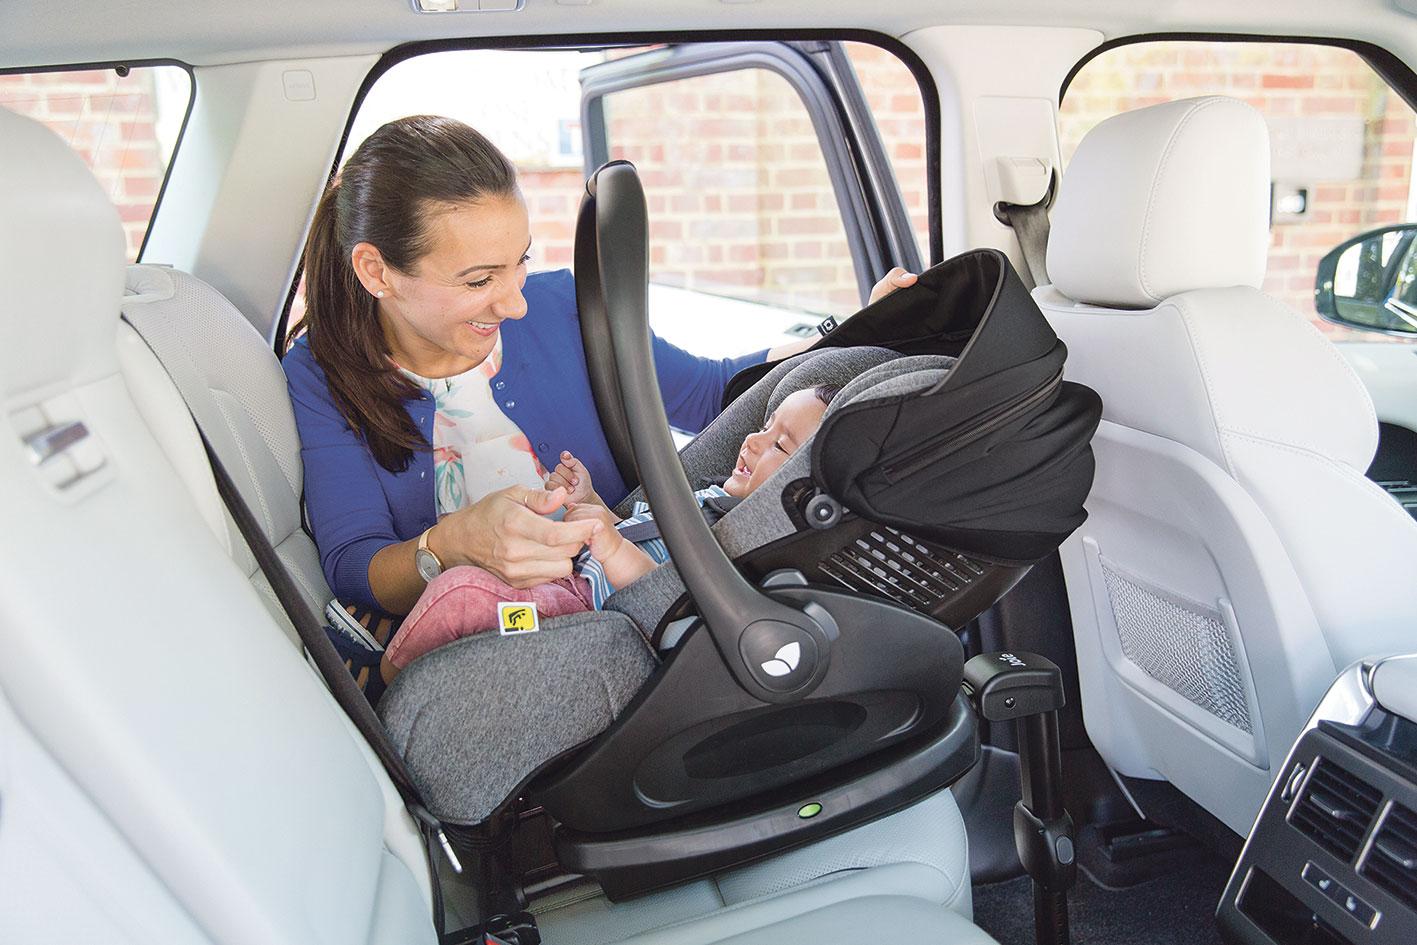 Mutter mit ihrem Kind im Auto. Das Baby liegt in einer Babyschale.